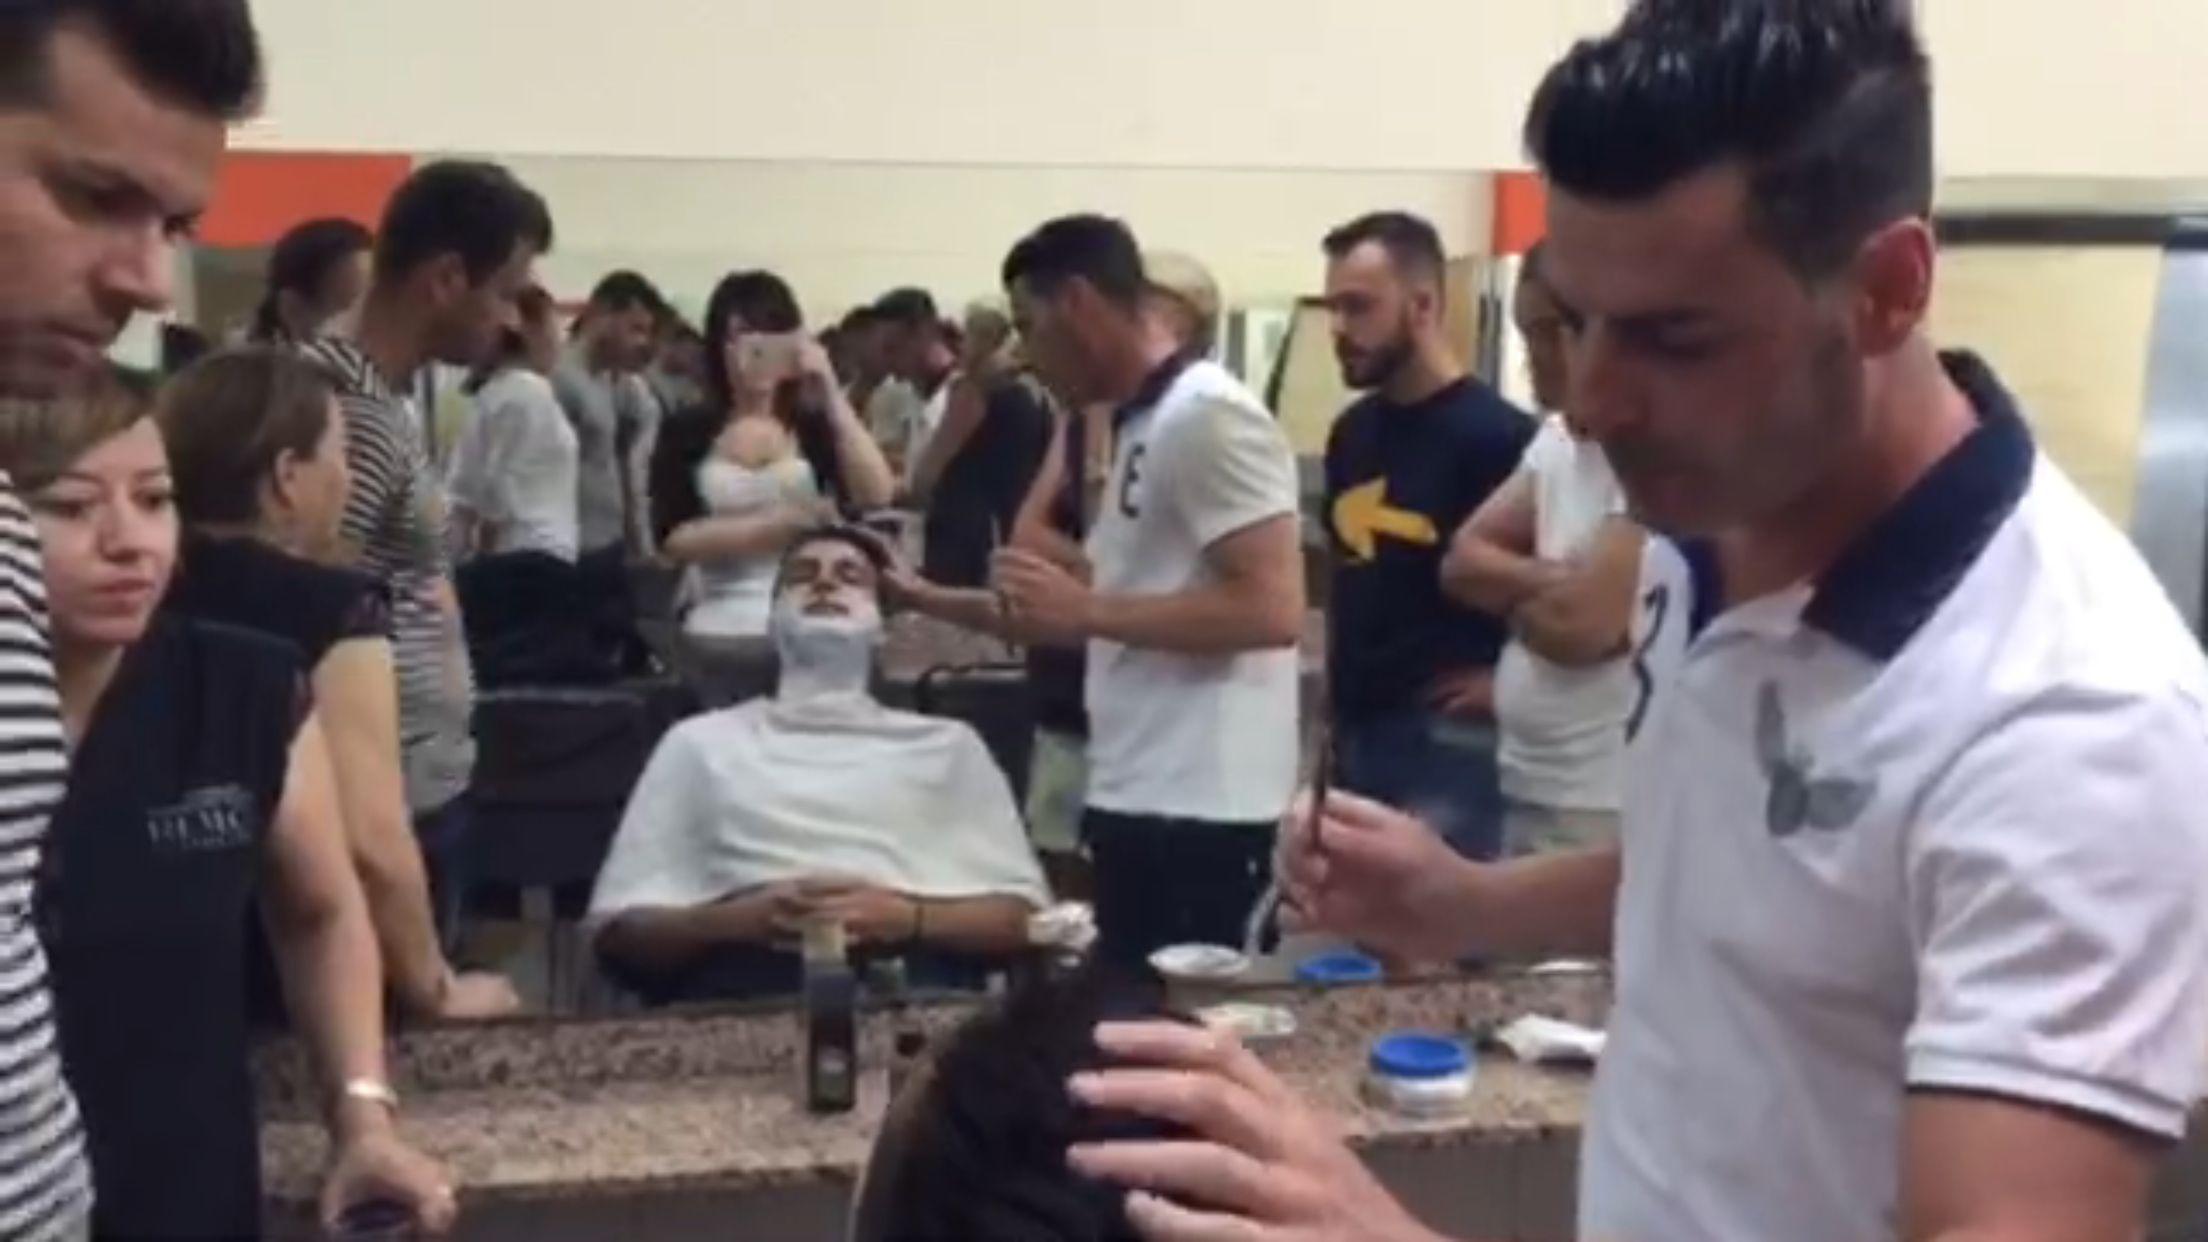 Abel Pleguezuelos impartiendo clases de afeitado en ACADEMIA REVLON (Alicante) #RitualdeAfeitado #AfeitadoSpa #Barbas #Barbershop